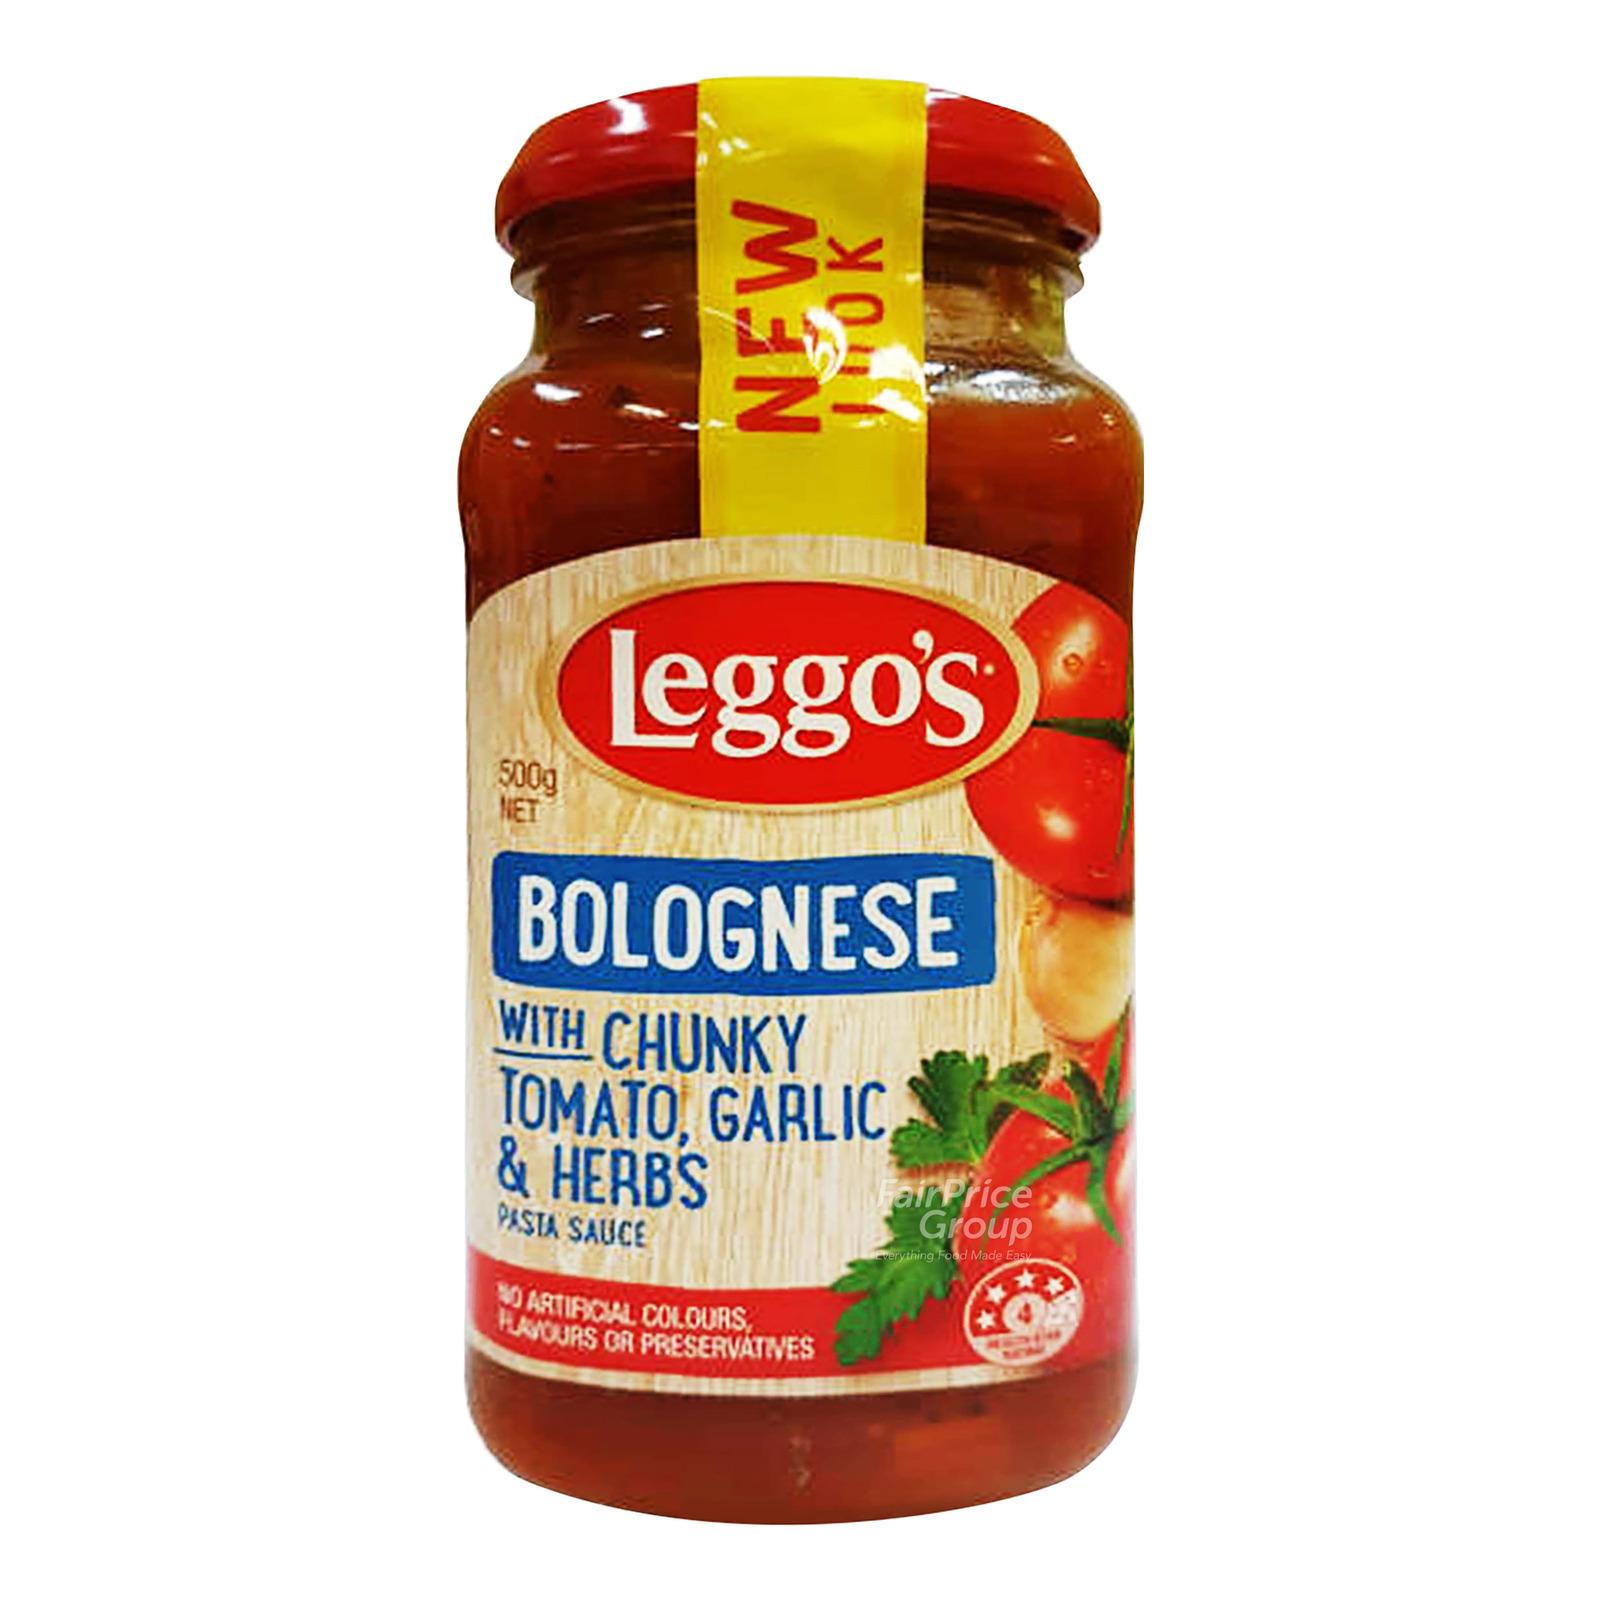 Leggo's Pasta Sauce - Bolognese (Chunky Tomato, Garlic & Herbs)